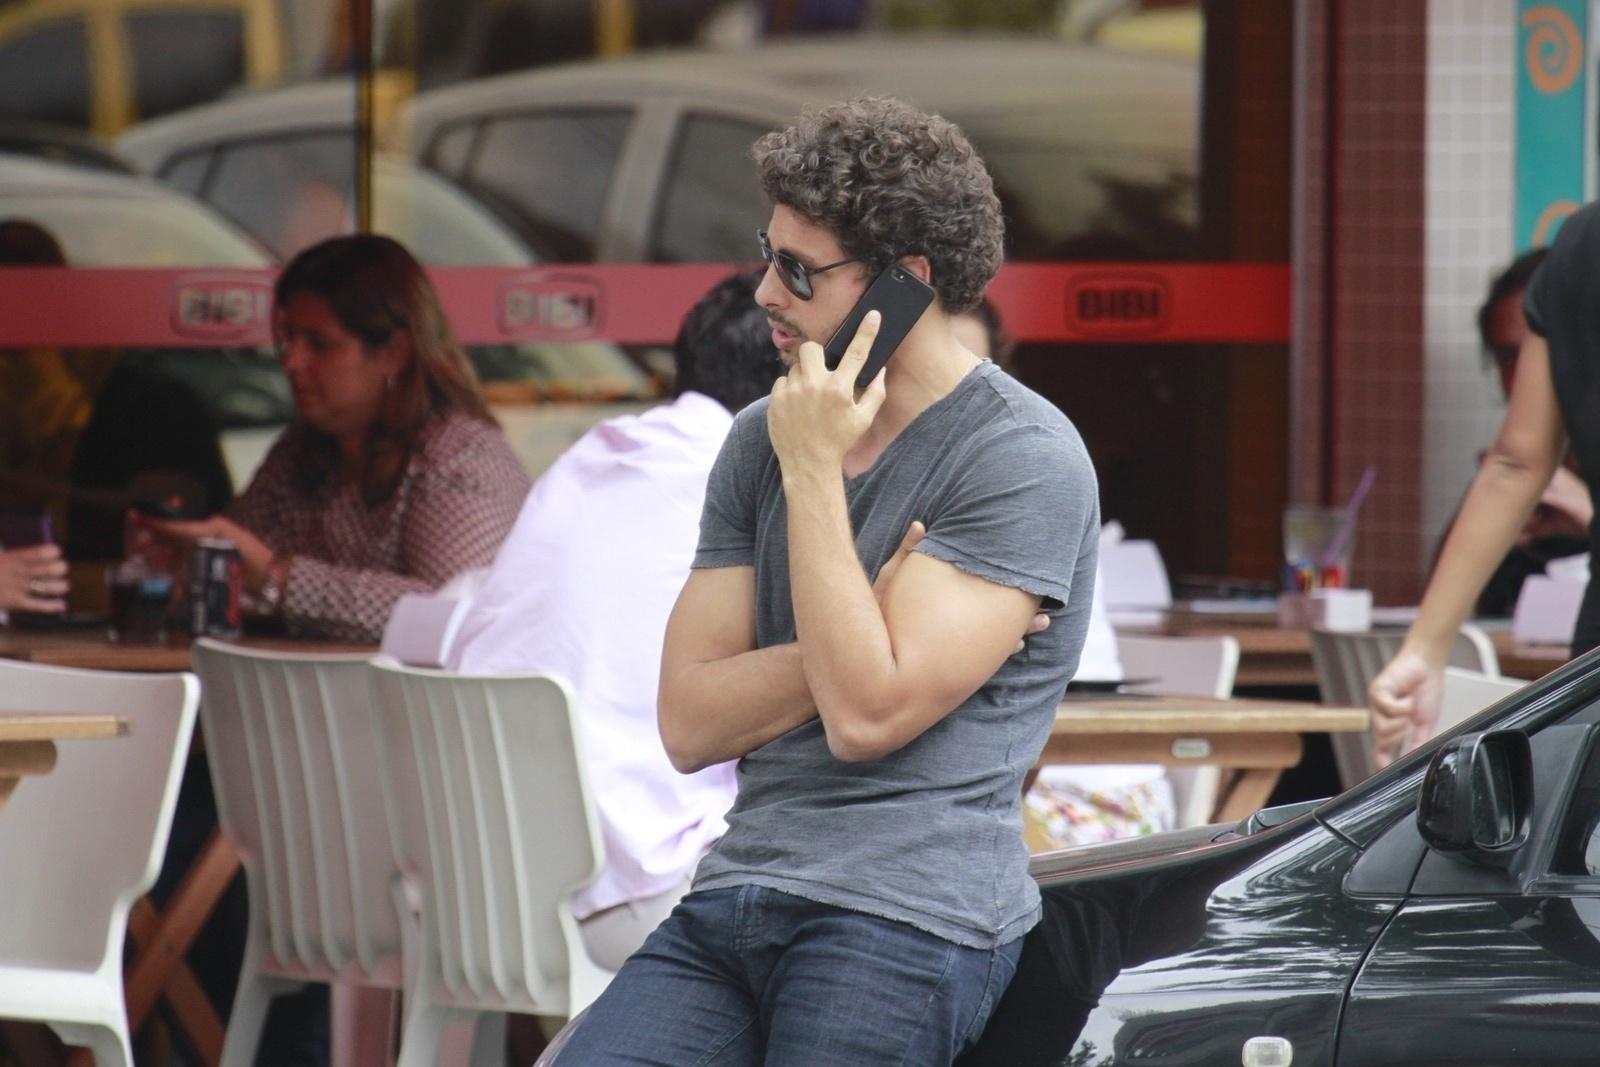 1.nov.2012 - No meio da rua, Cauã Reymond fala ao telefone na Barra, zona oeste do Rio. O ator é alvo de recentes boatos que apontam que ele teria traído Grazi com a atriz Isis Valverde, o que teria provocado o fim do casamento